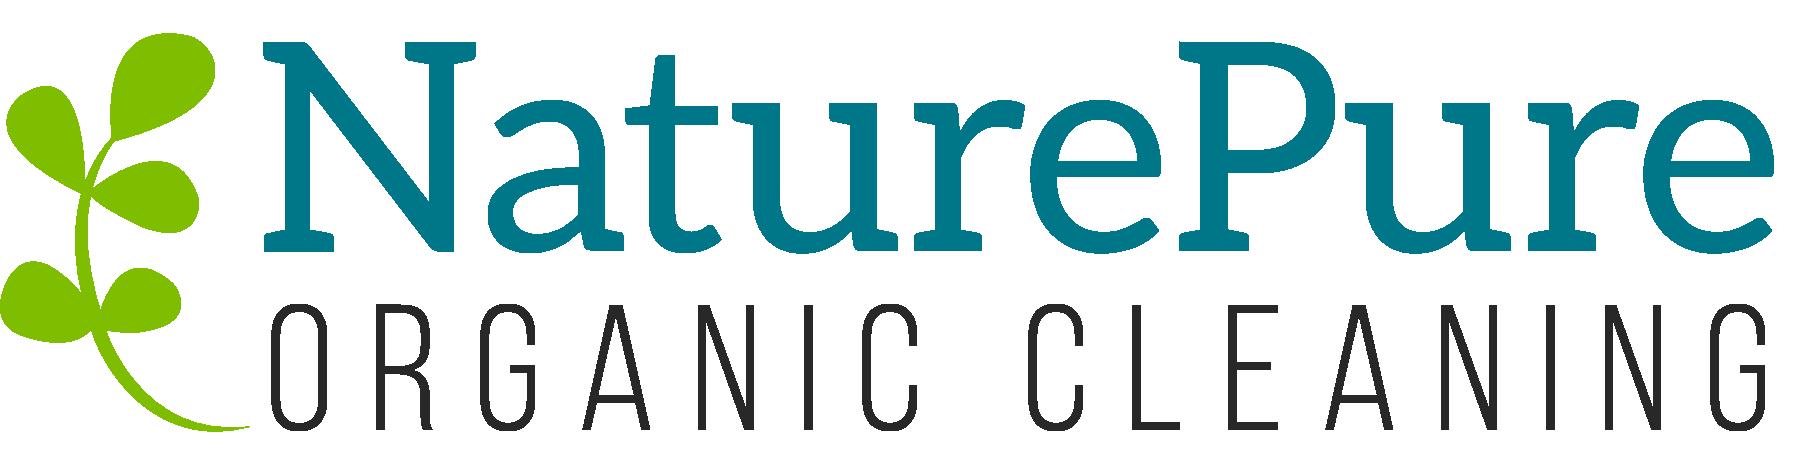 NaturePure Organic Cleaning